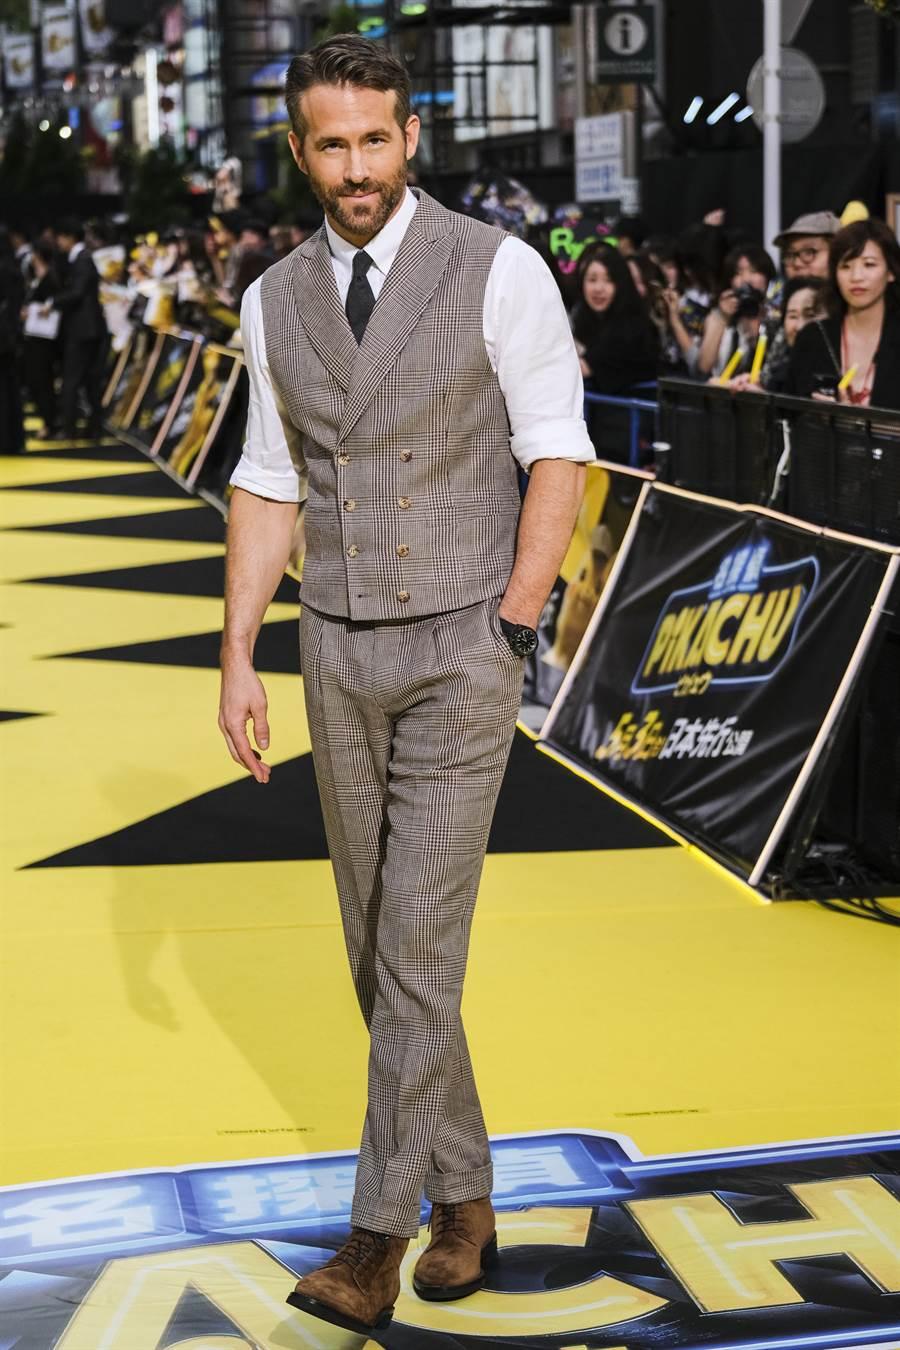 萊恩雷諾斯猛穿BRUNELLO CUCINELLI,穿格紋背心與襯衫一派輕鬆,出席東京首映會。(BRUNELLO CUCINELLI提供)